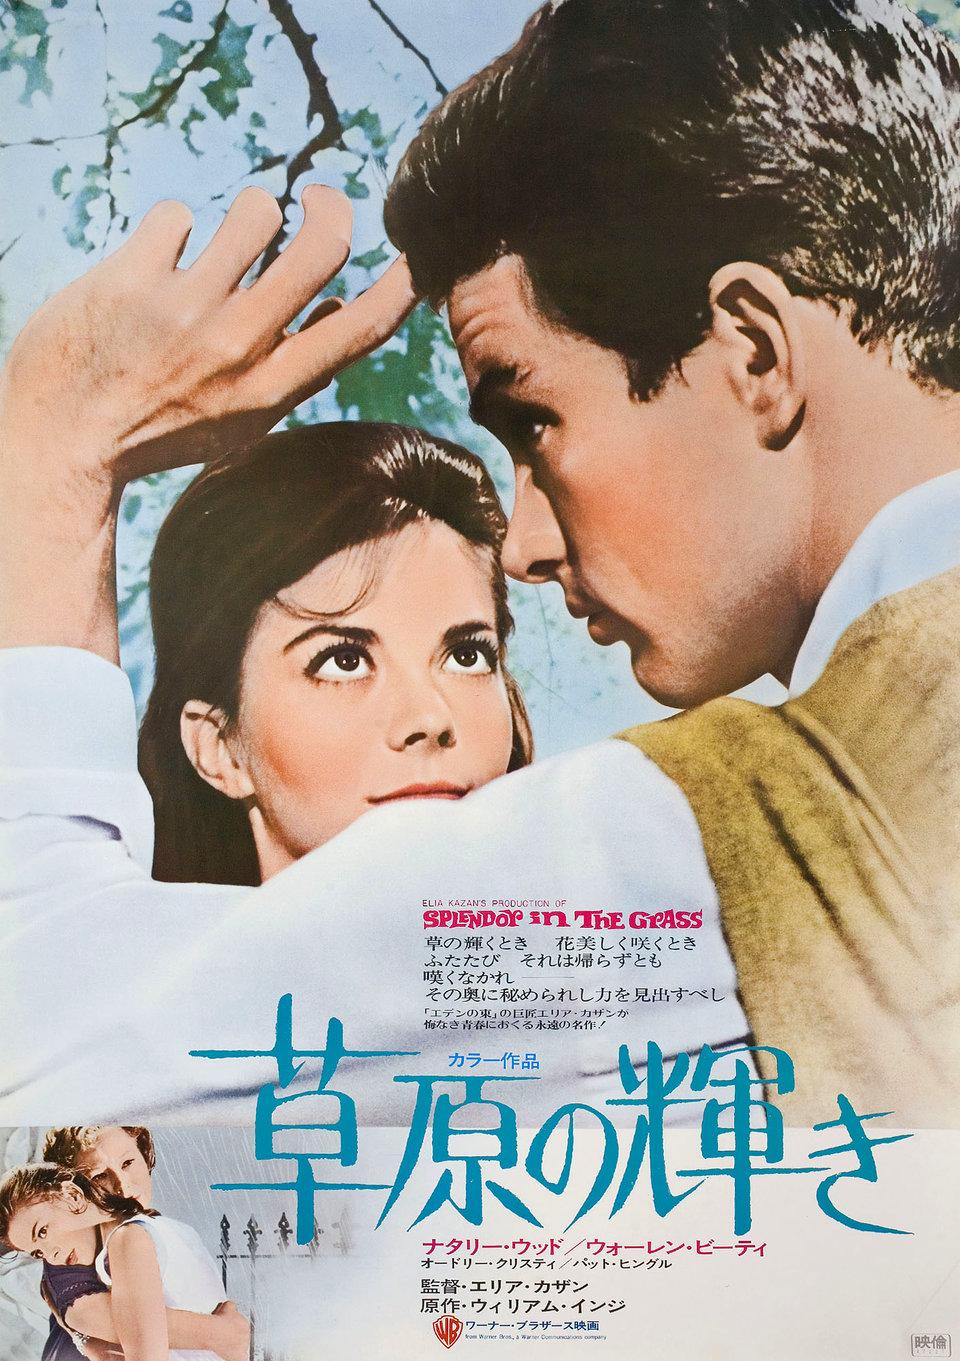 Splendor in the Grass R1972 Japanese B2 Poster